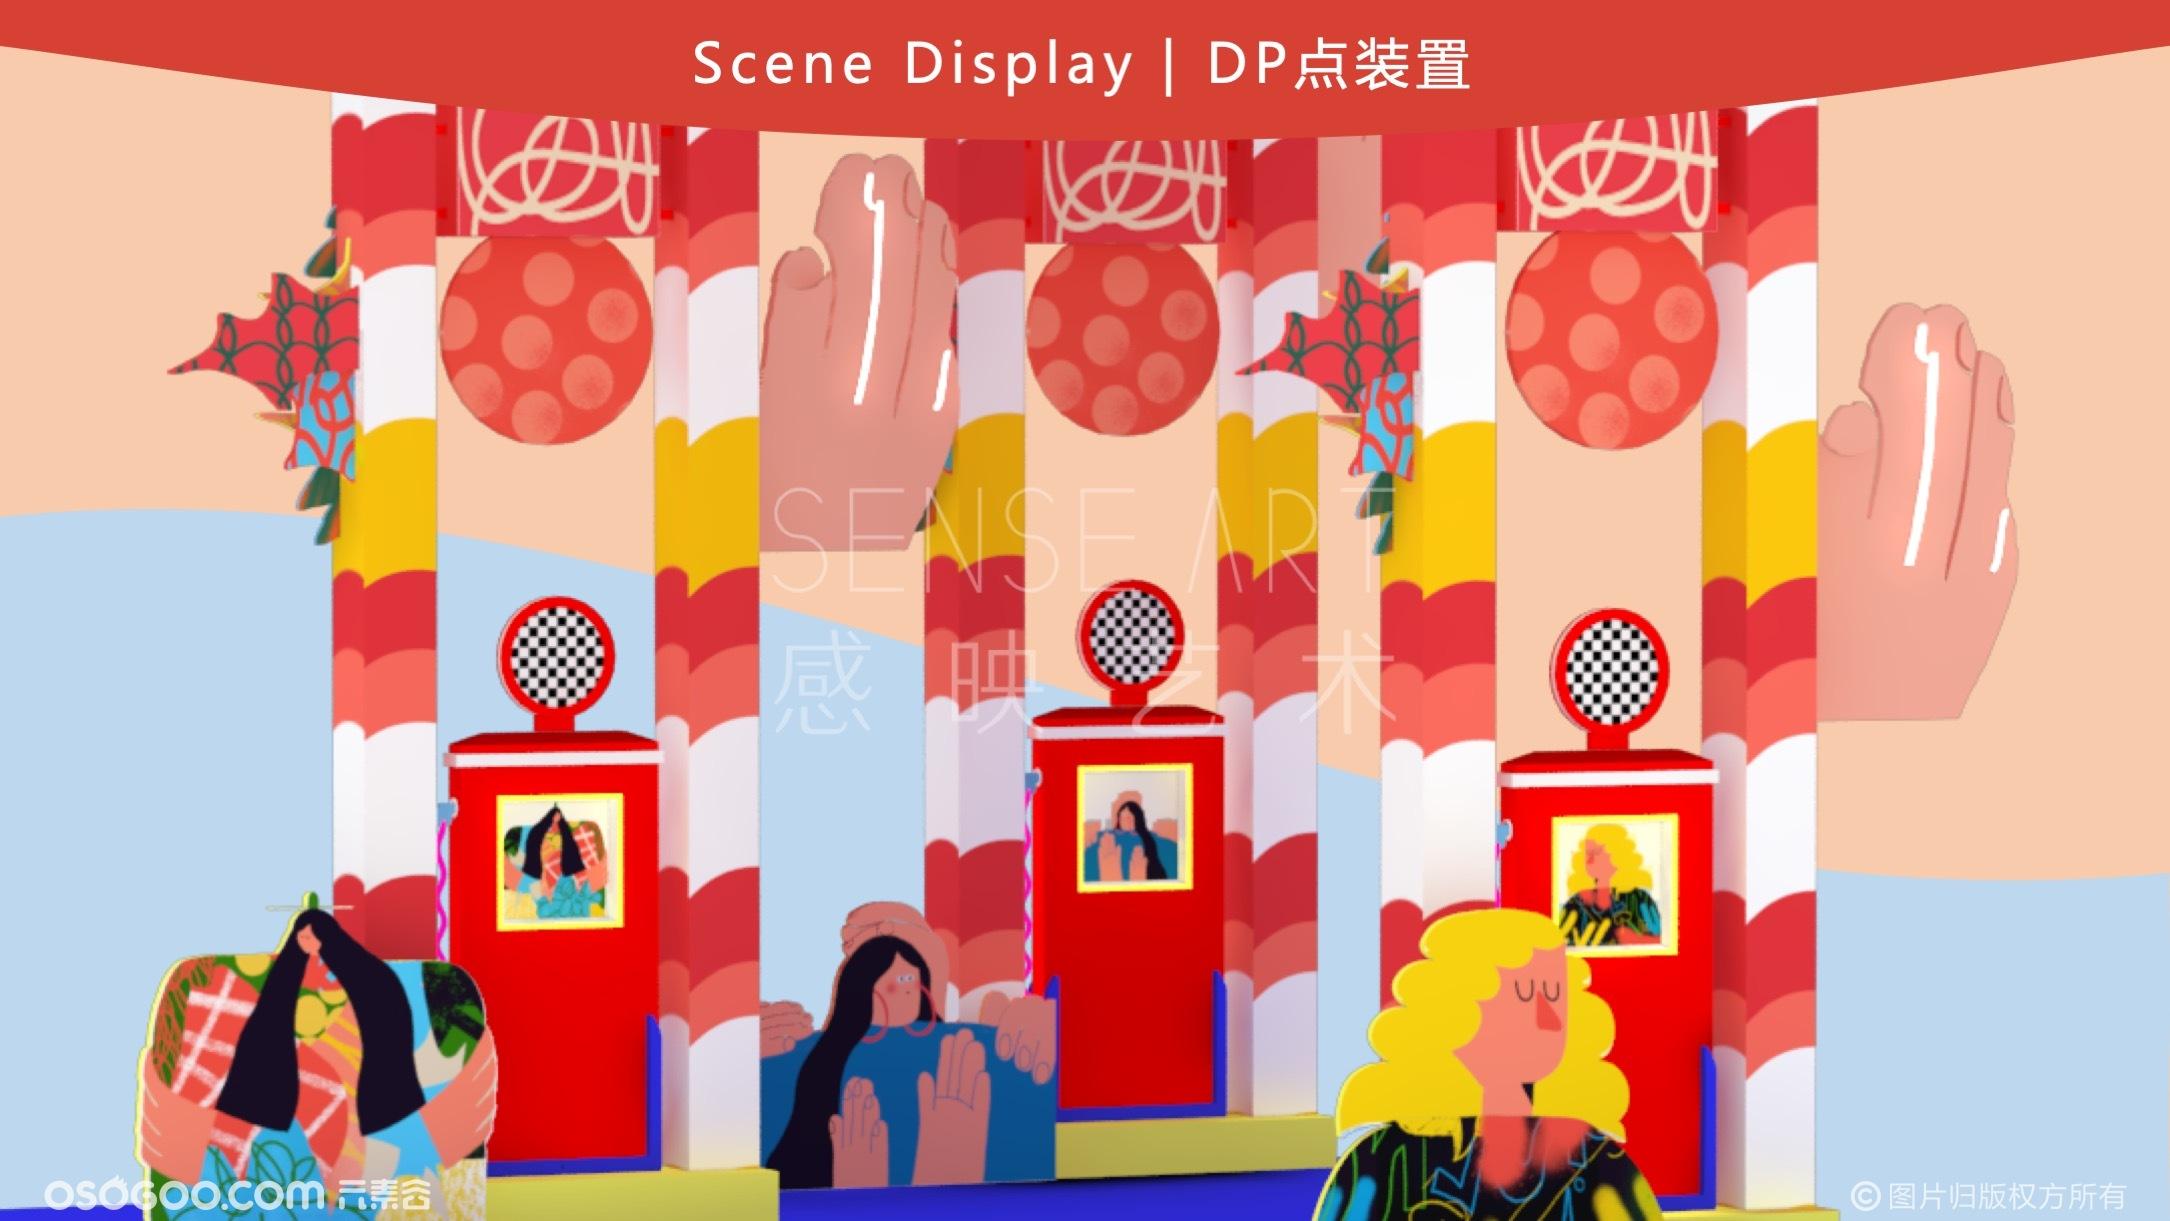 【欢乐掌萌人】阿根廷萌趣潮玩艺术家主题IP美陈装置展